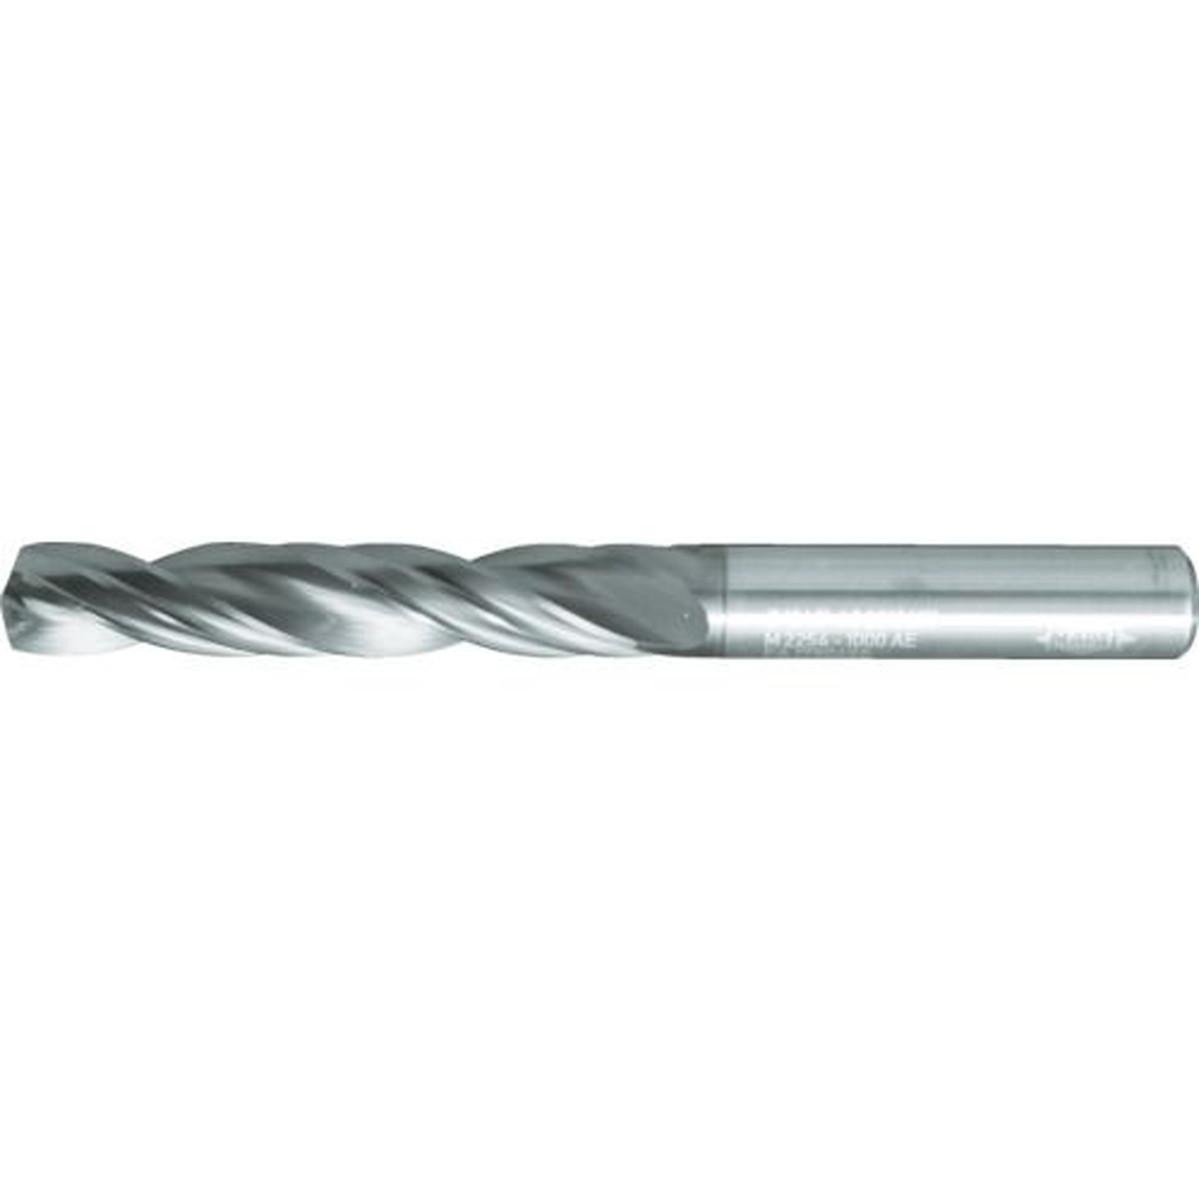 格安人気 マパール MEGA-Drill-Reamer(SCD200C) 外部給油X3D 1本 1本, Styl-us(スタイラス):9b5572ca --- eurotour.com.py